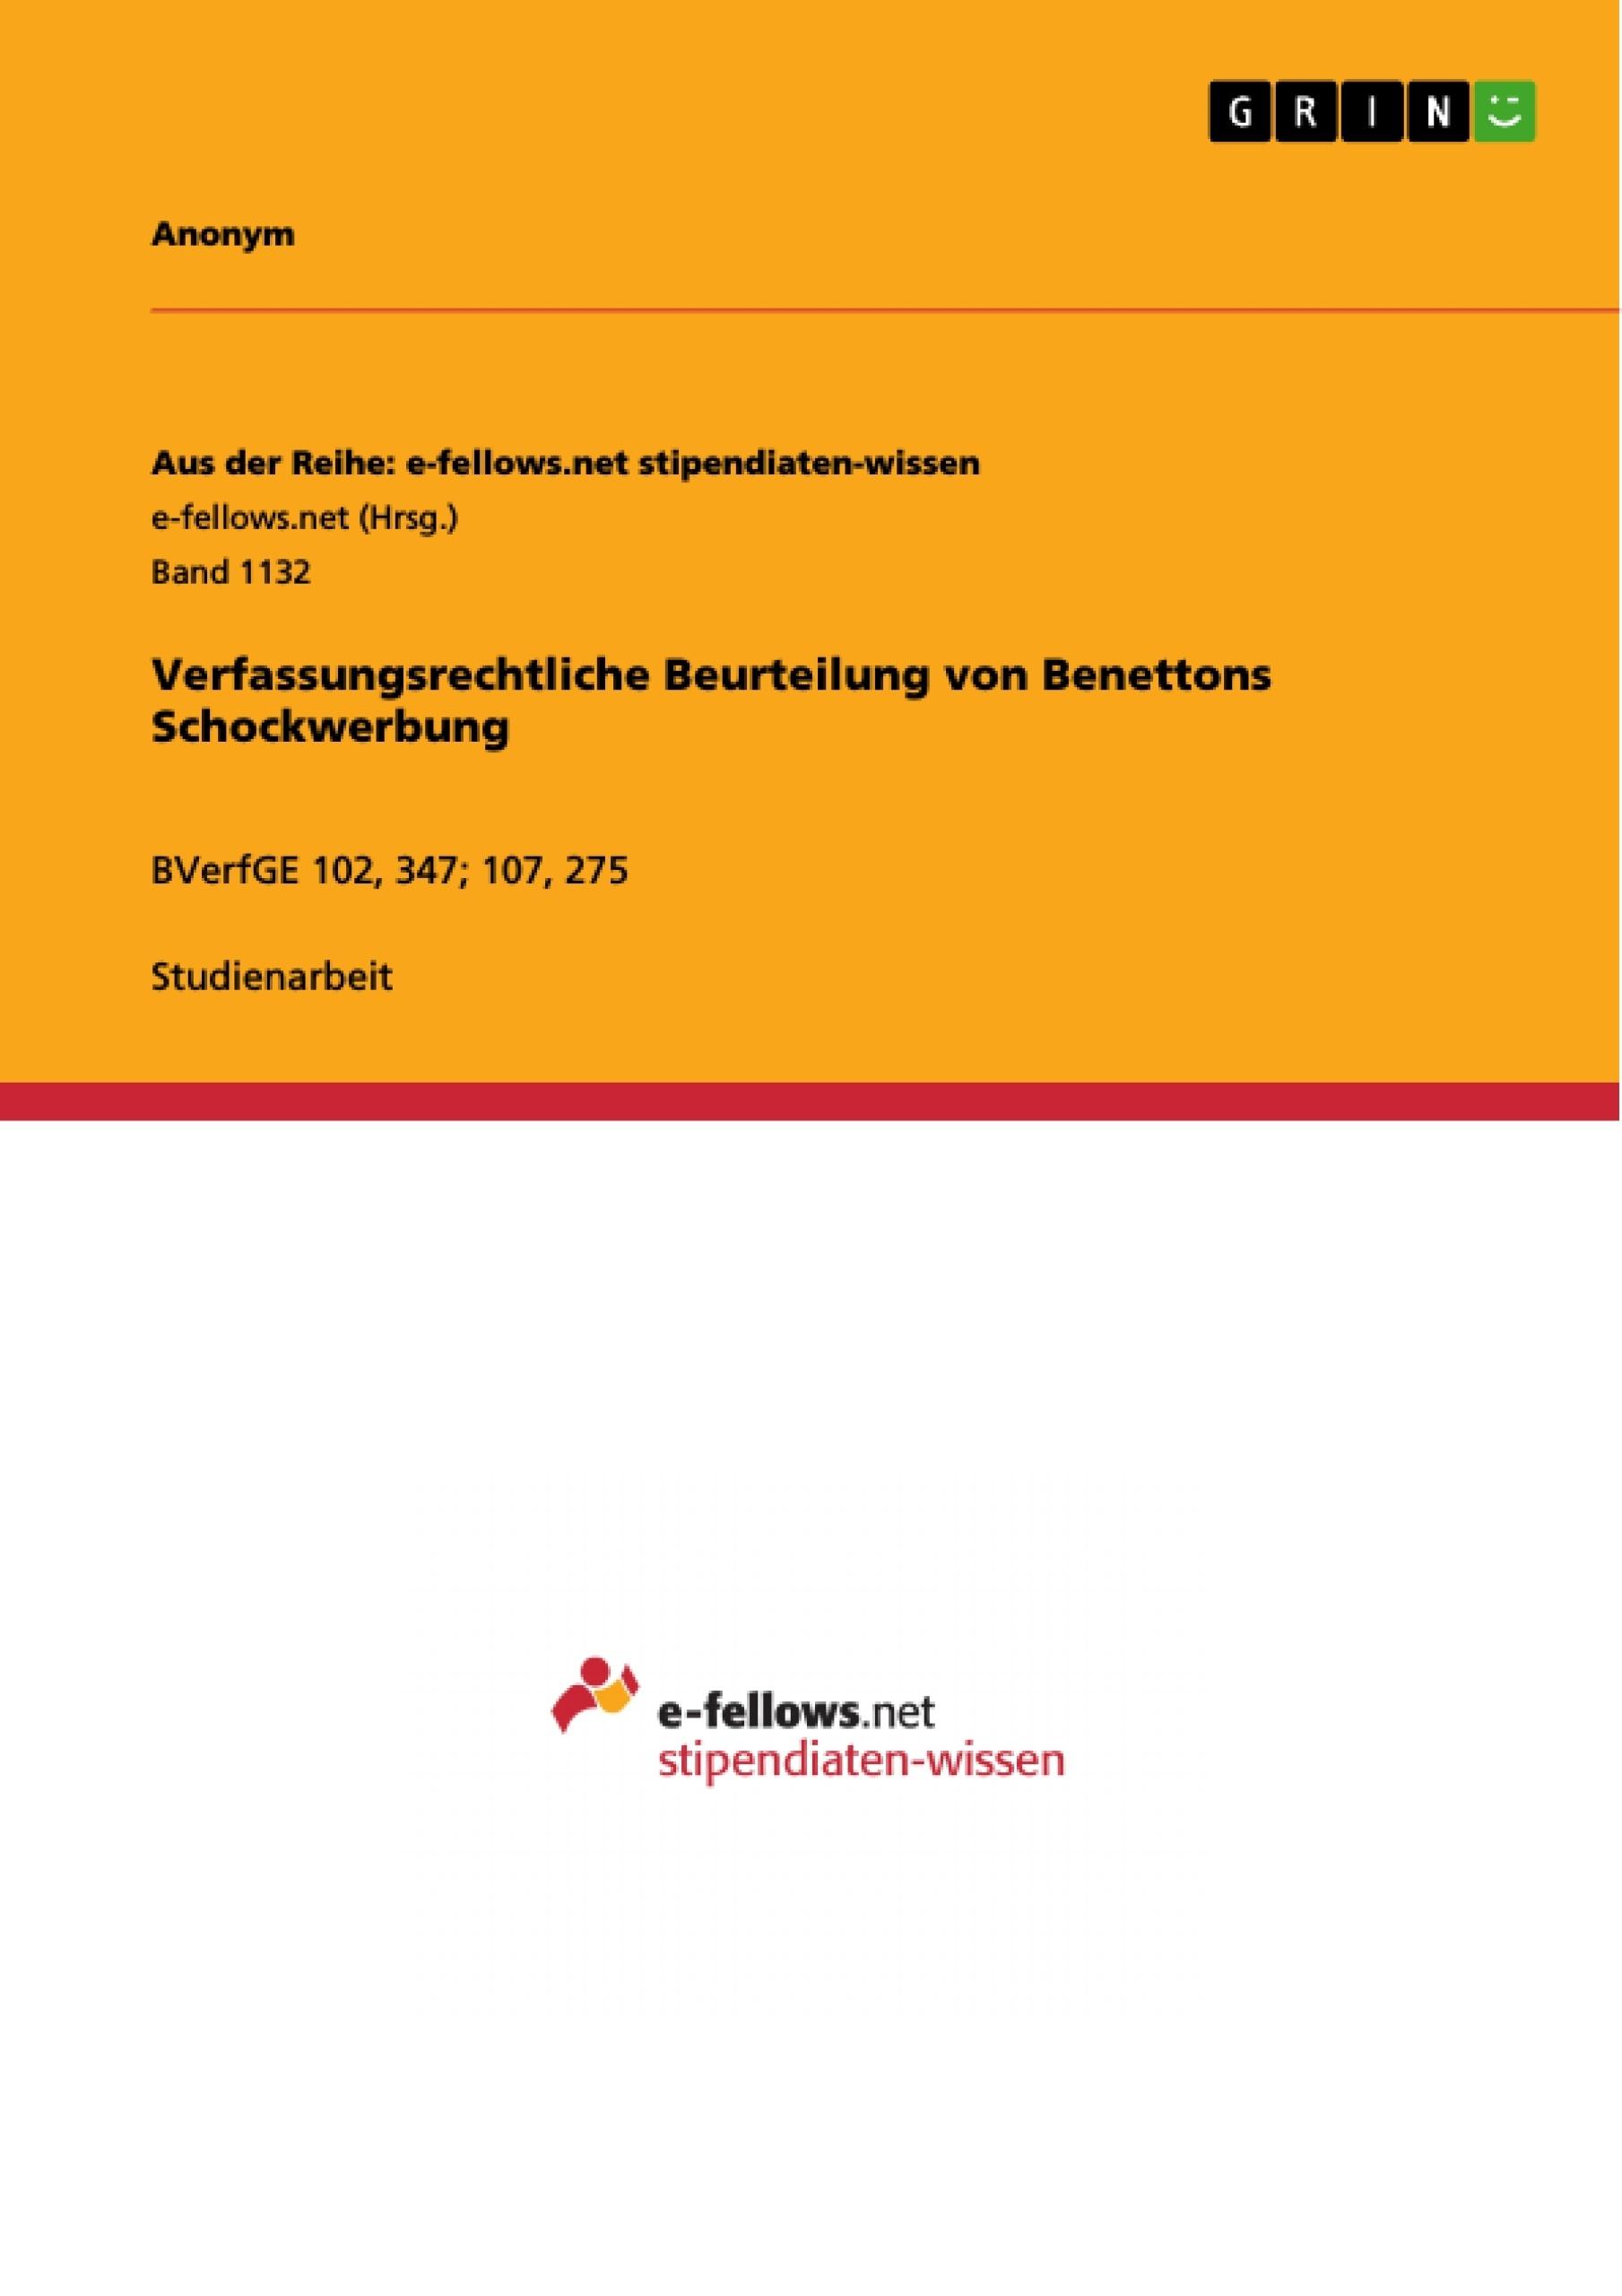 Titel: Verfassungsrechtliche Beurteilung von Benettons Schockwerbung